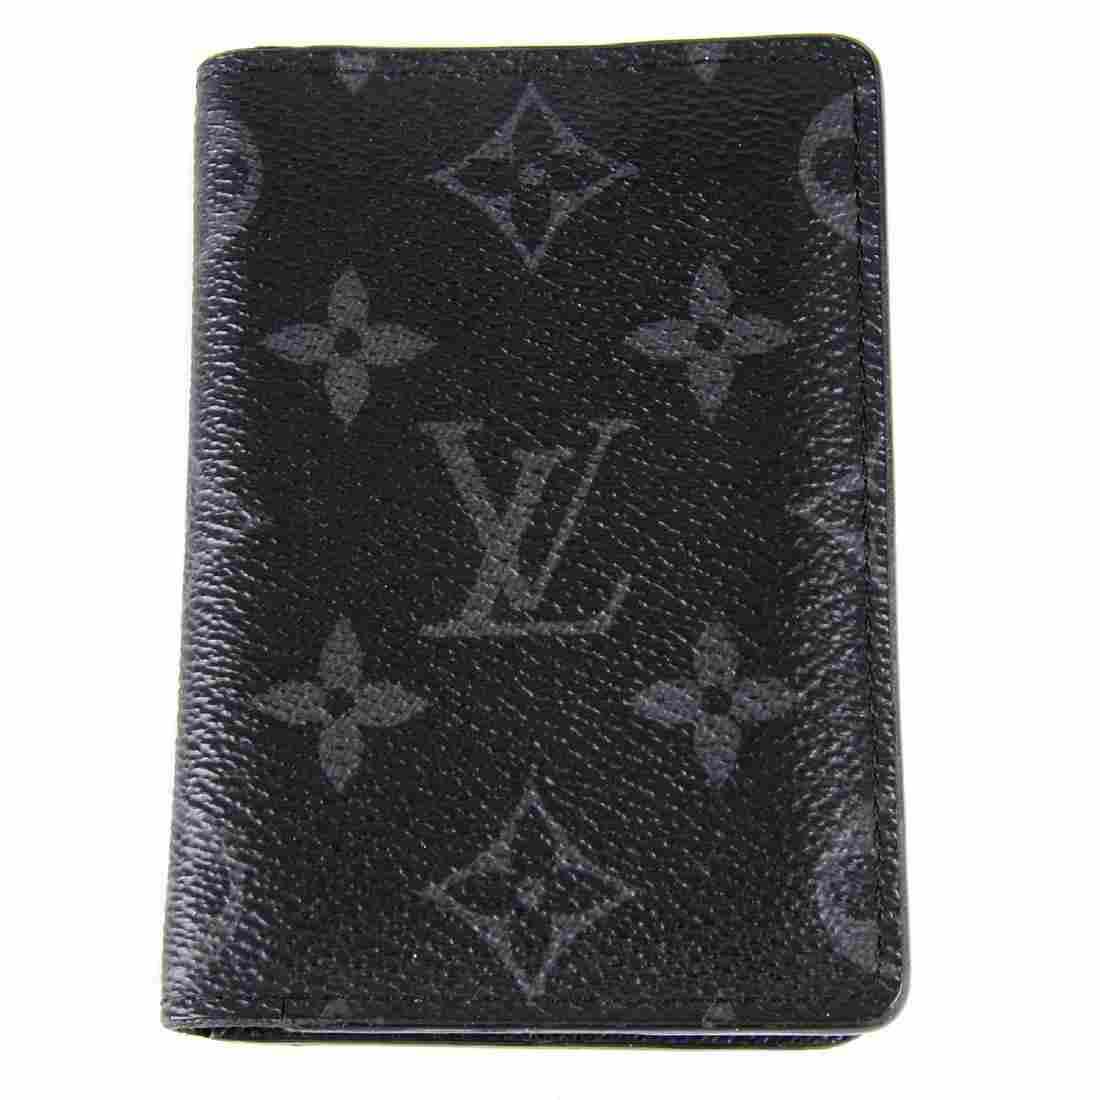 LOUIS VUITTON - a Monogram Eclipse cardholder wallet.